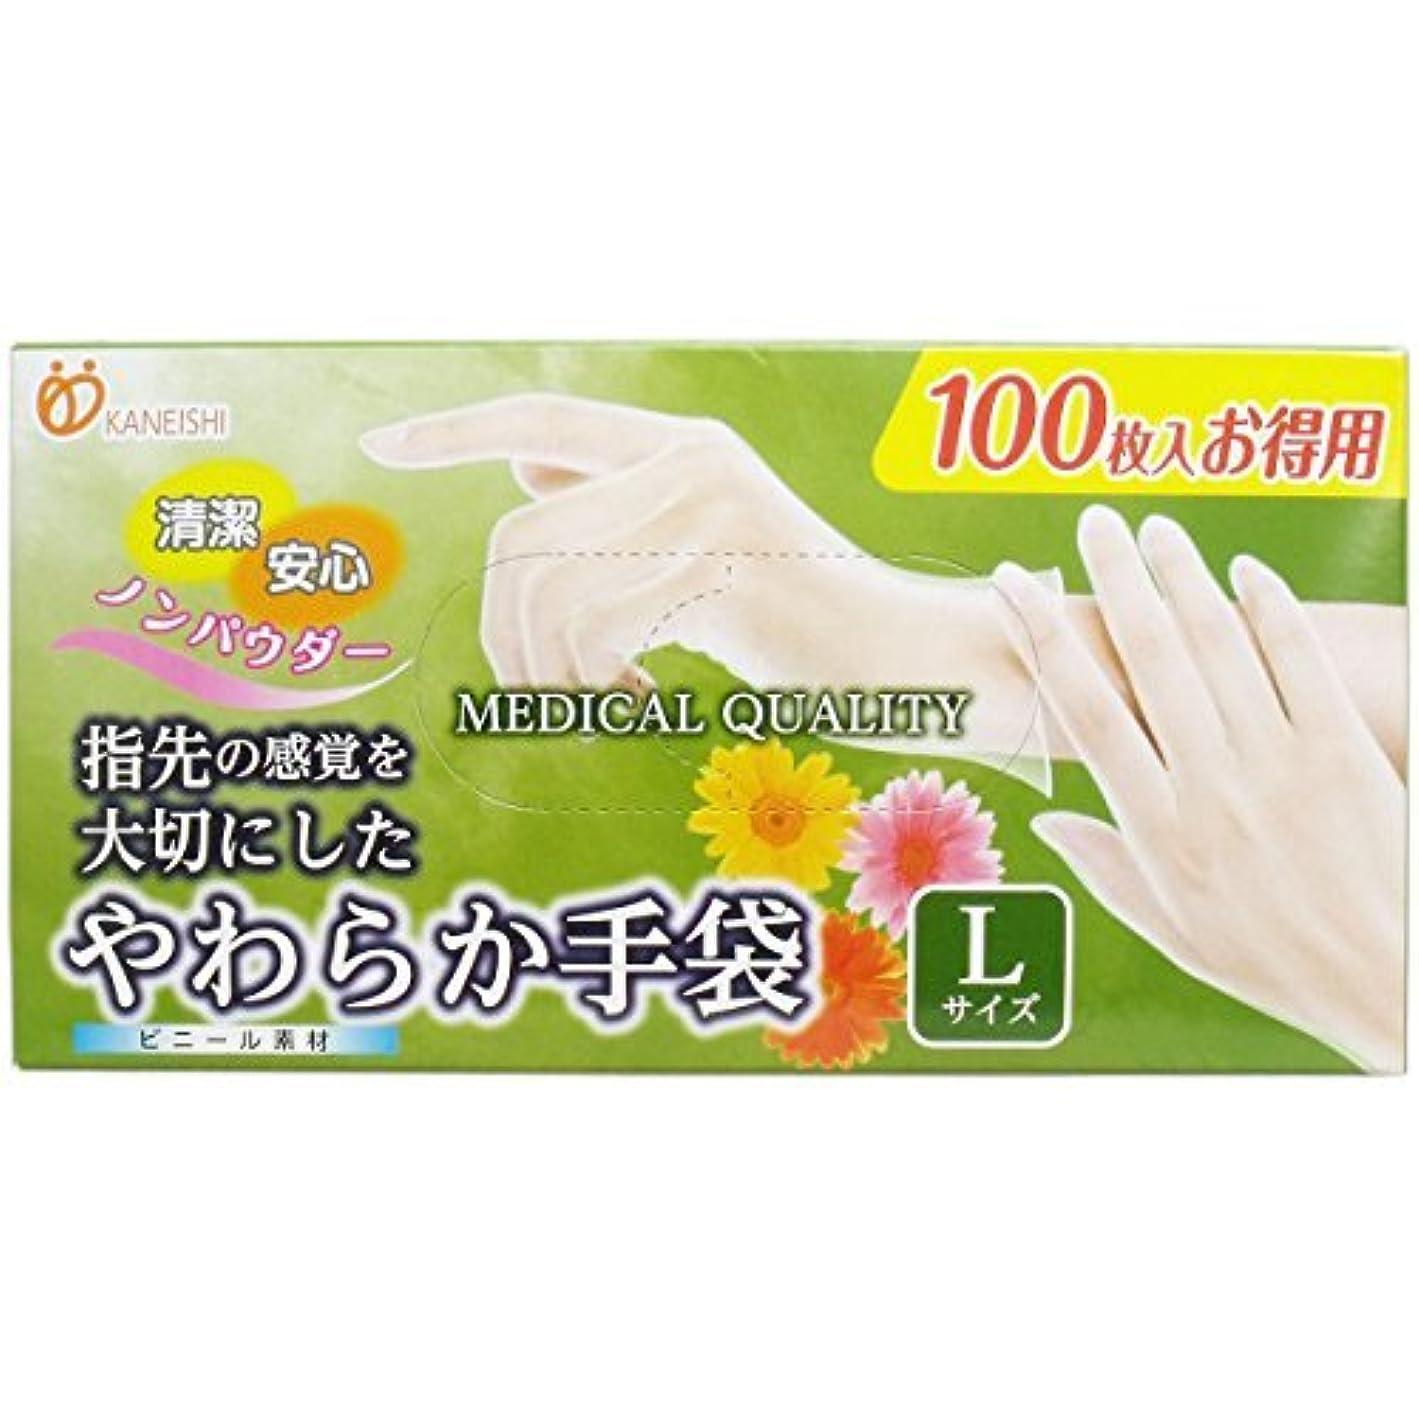 タンパク質市長含めるやわらか手袋 ビニール素材 パウダーフリー Lサイズ 100枚入「5点セット」